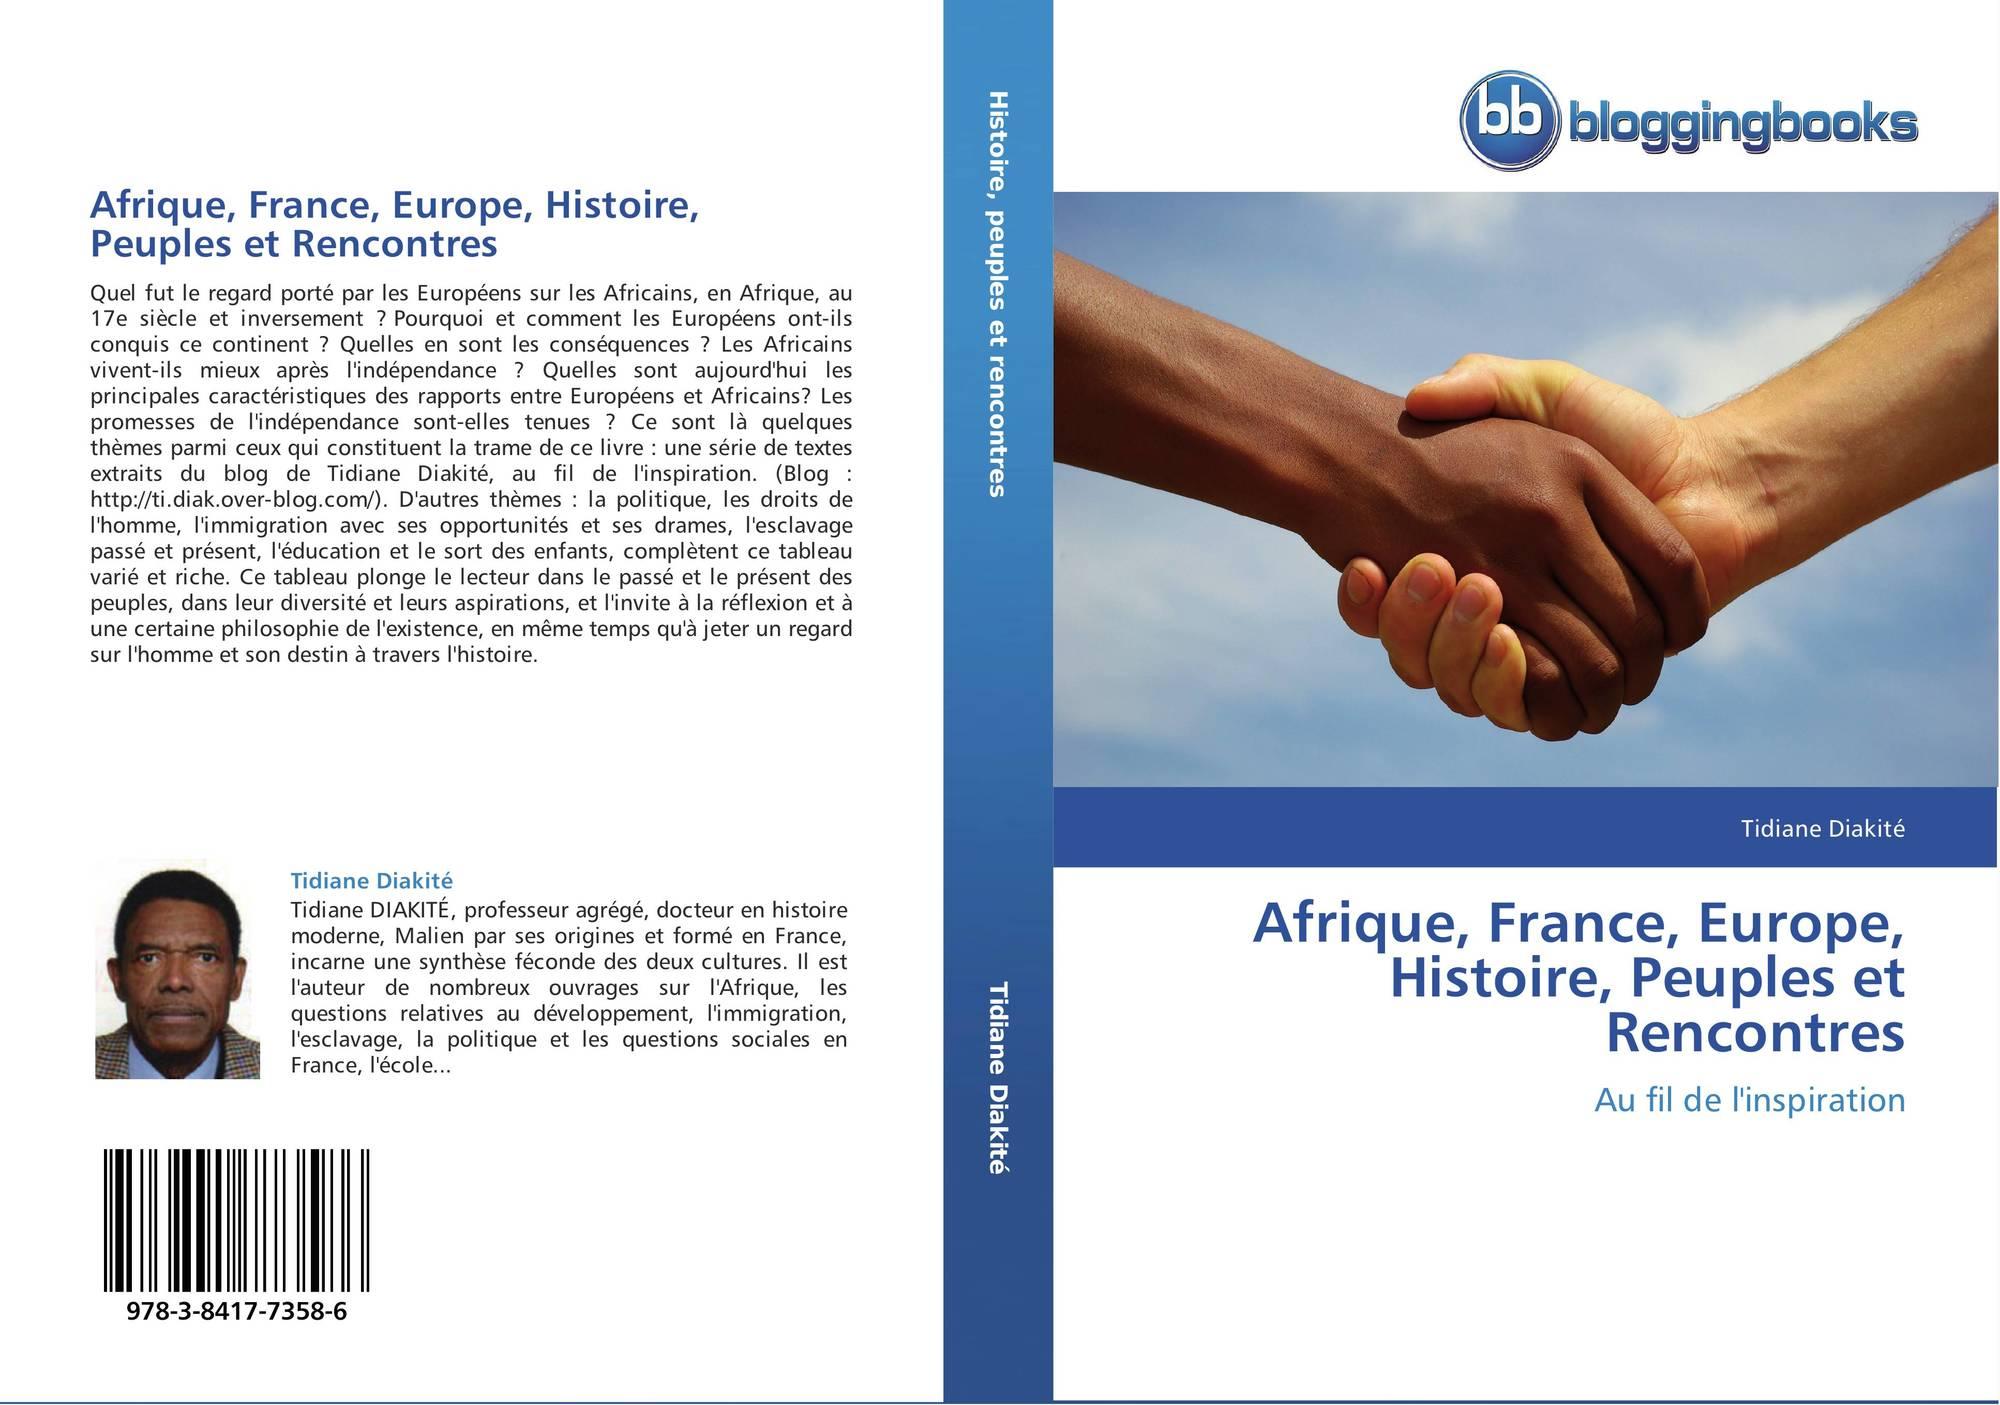 Rencontre europe afrique